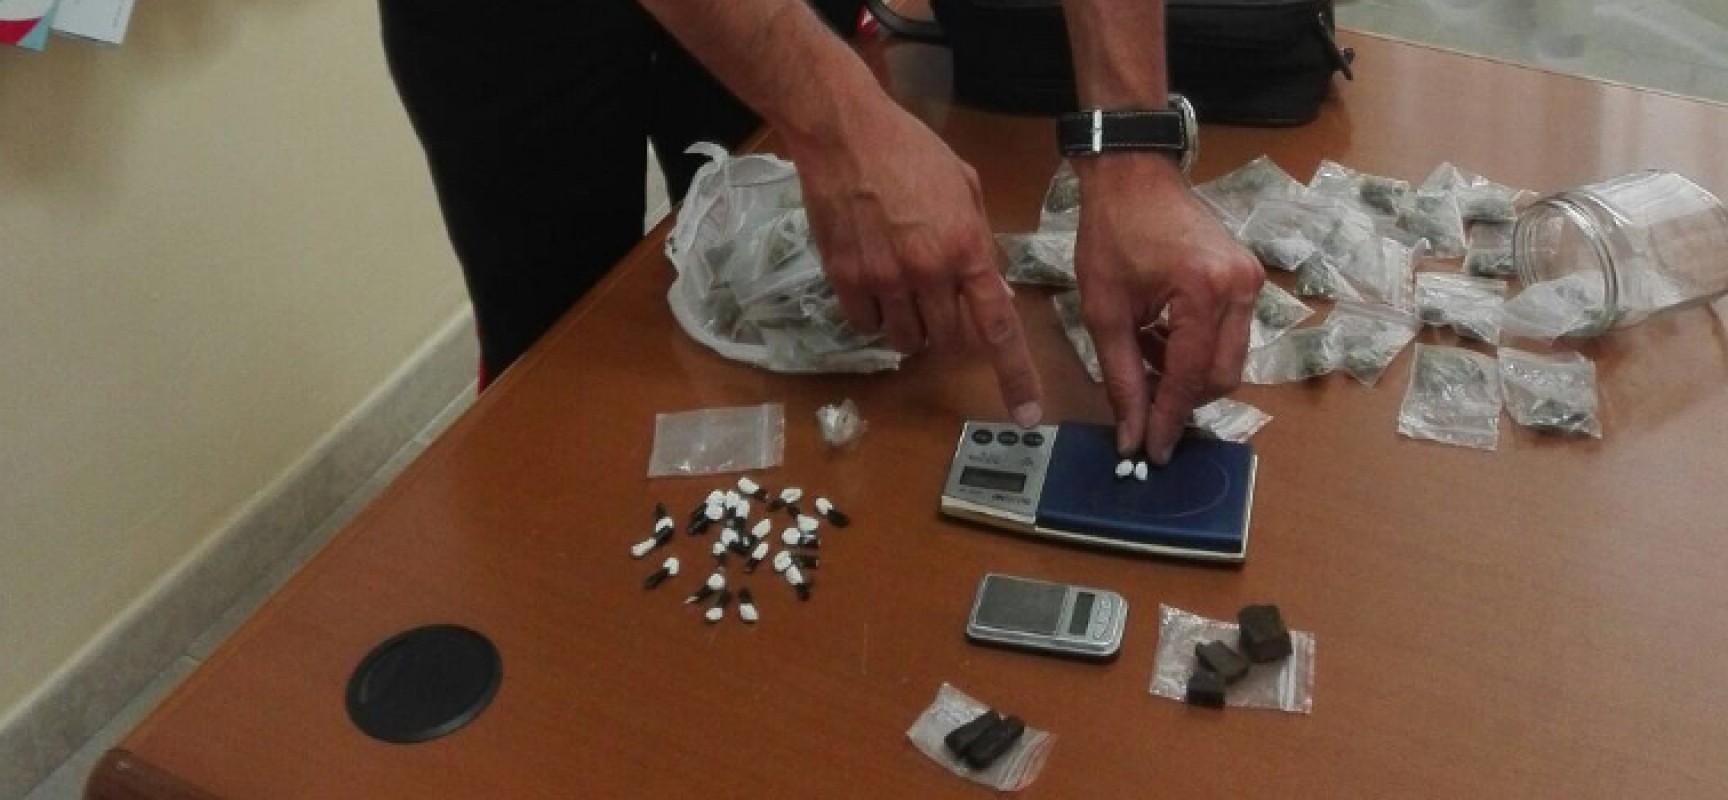 Ai domiciliari e in permesso lavorativo viene beccato in possesso di droga, arrestato 17enne biscegliese